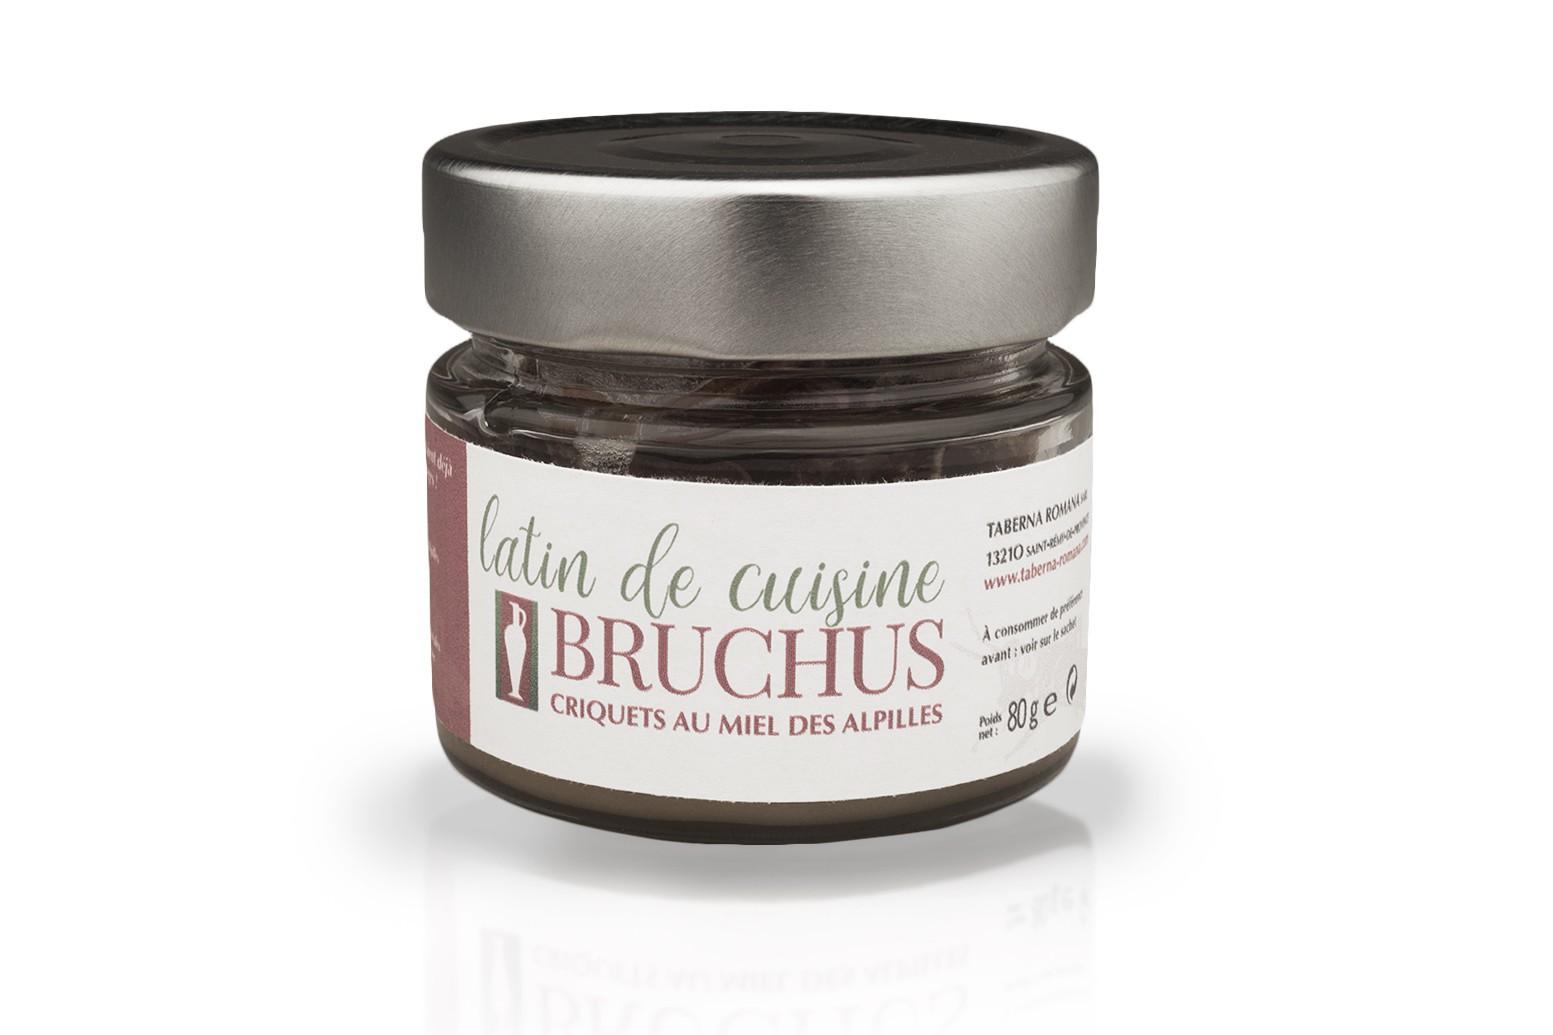 Bruchus